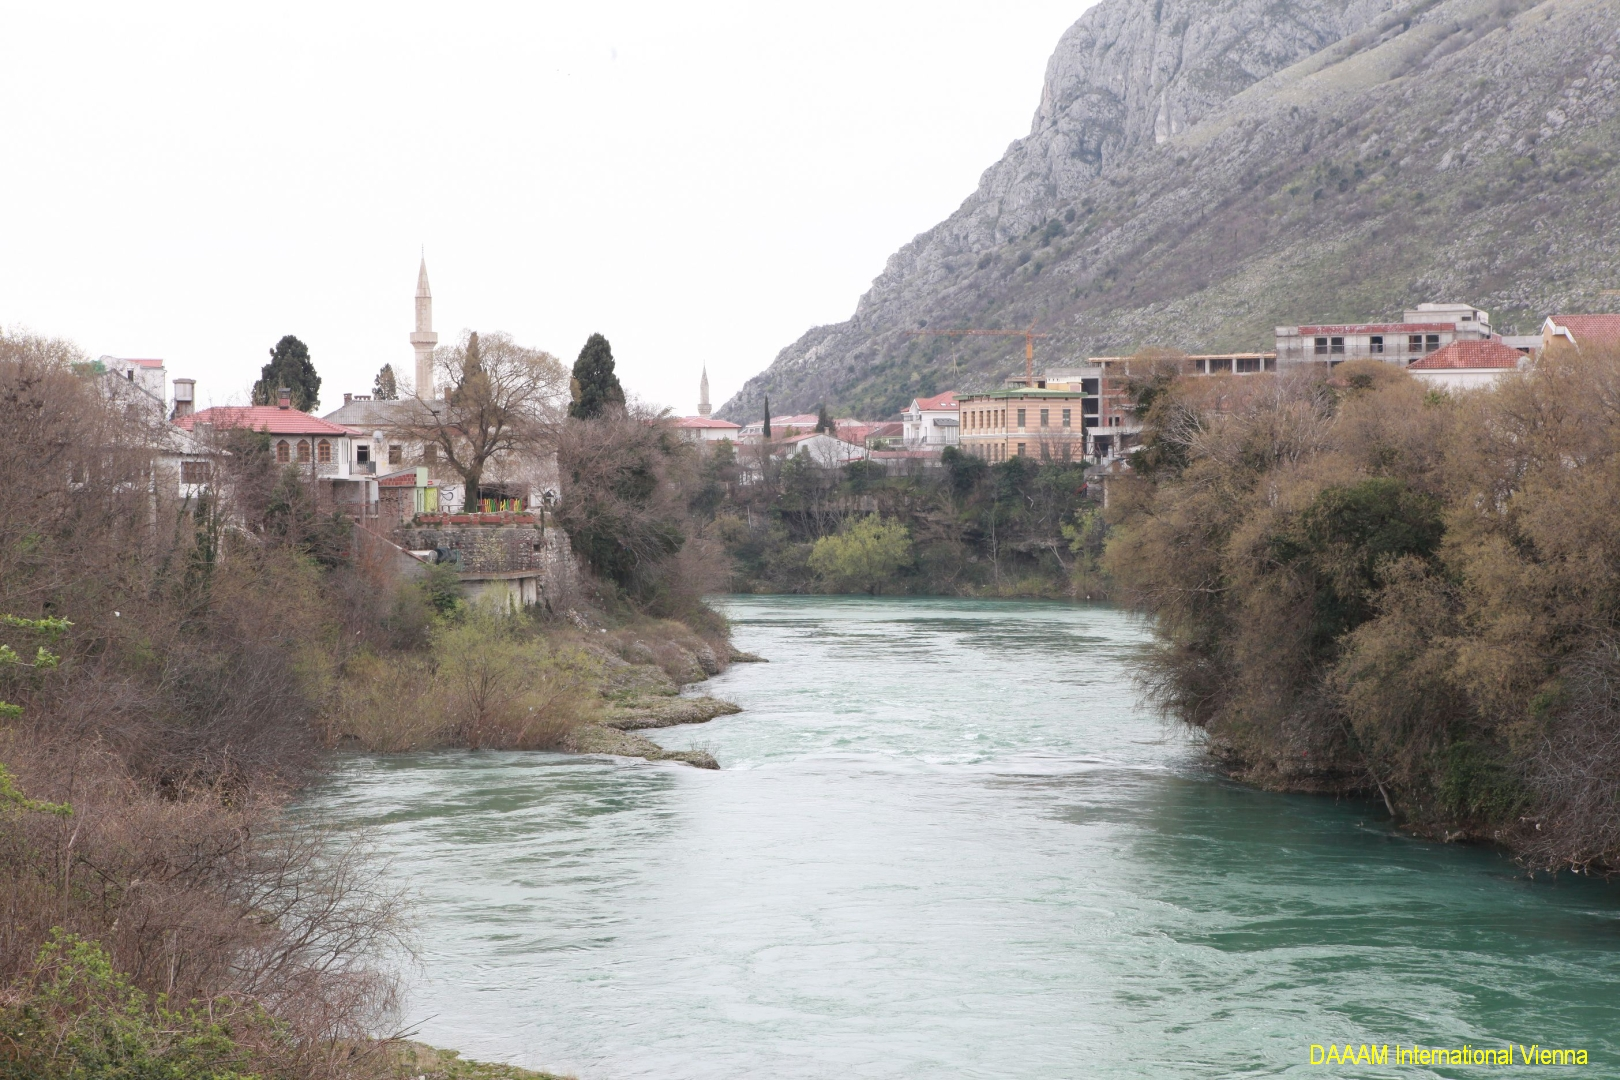 DAAAM_2016_Mostar_01_Magic_City_of_Mostar_123